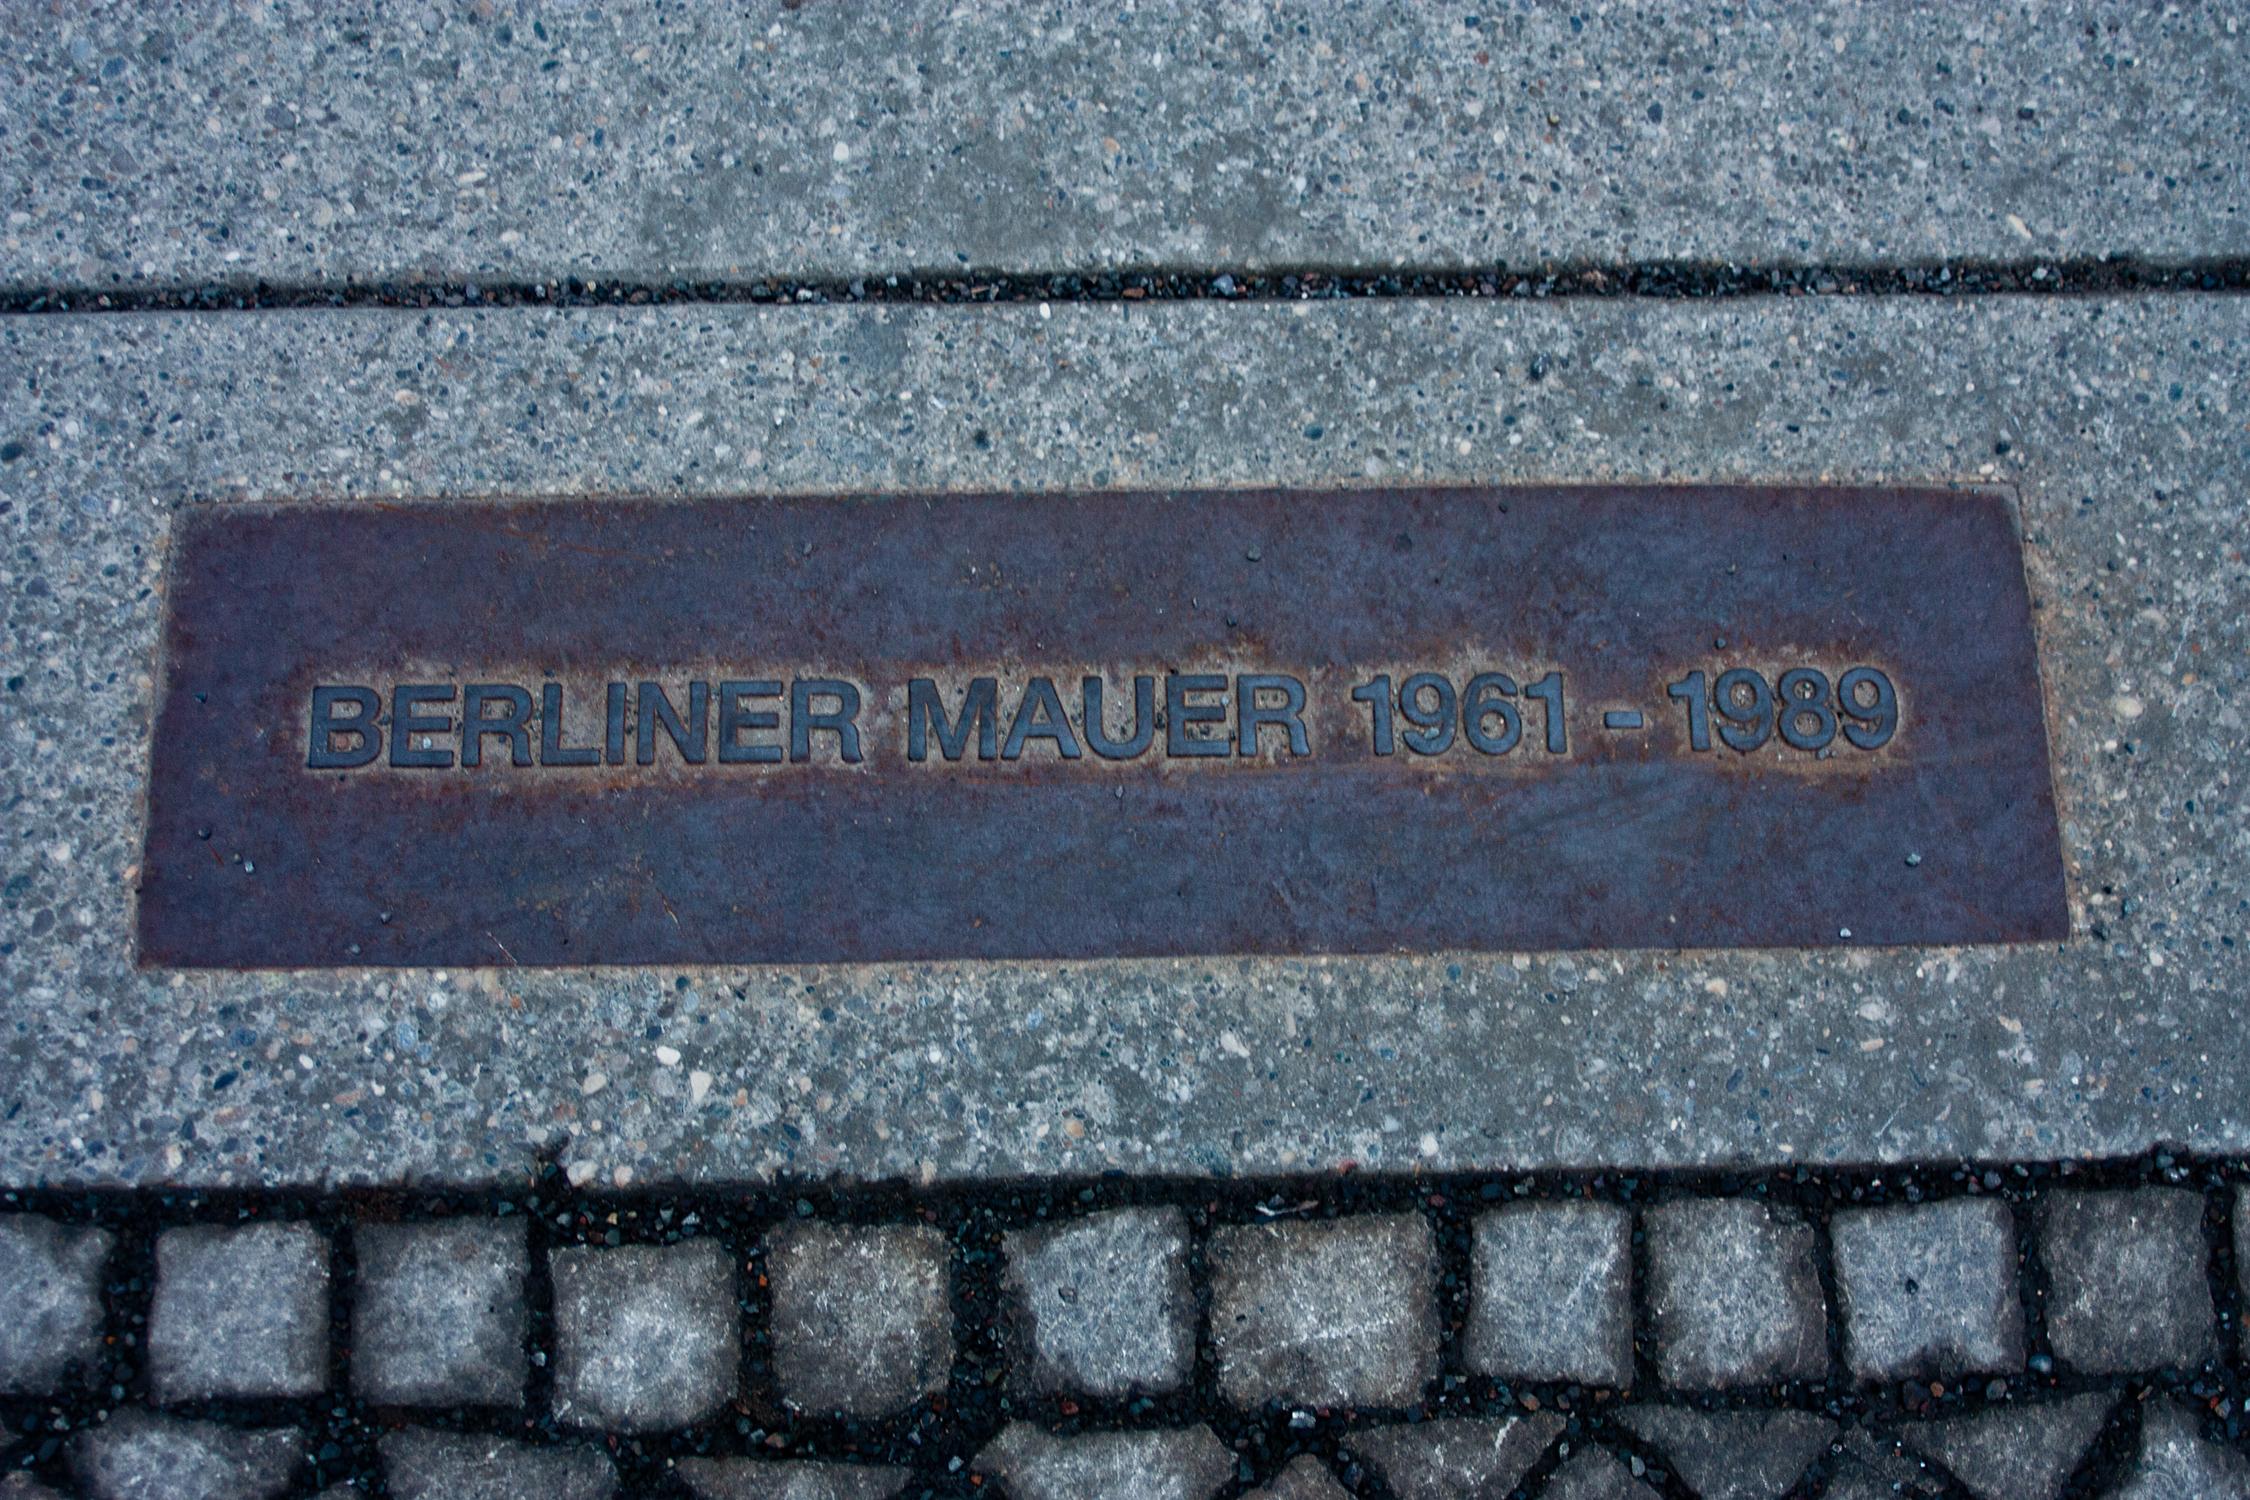 Erinnerung an den Verlauf der Berliner Mauer; Foto: PixelWookie via Pixelio.de